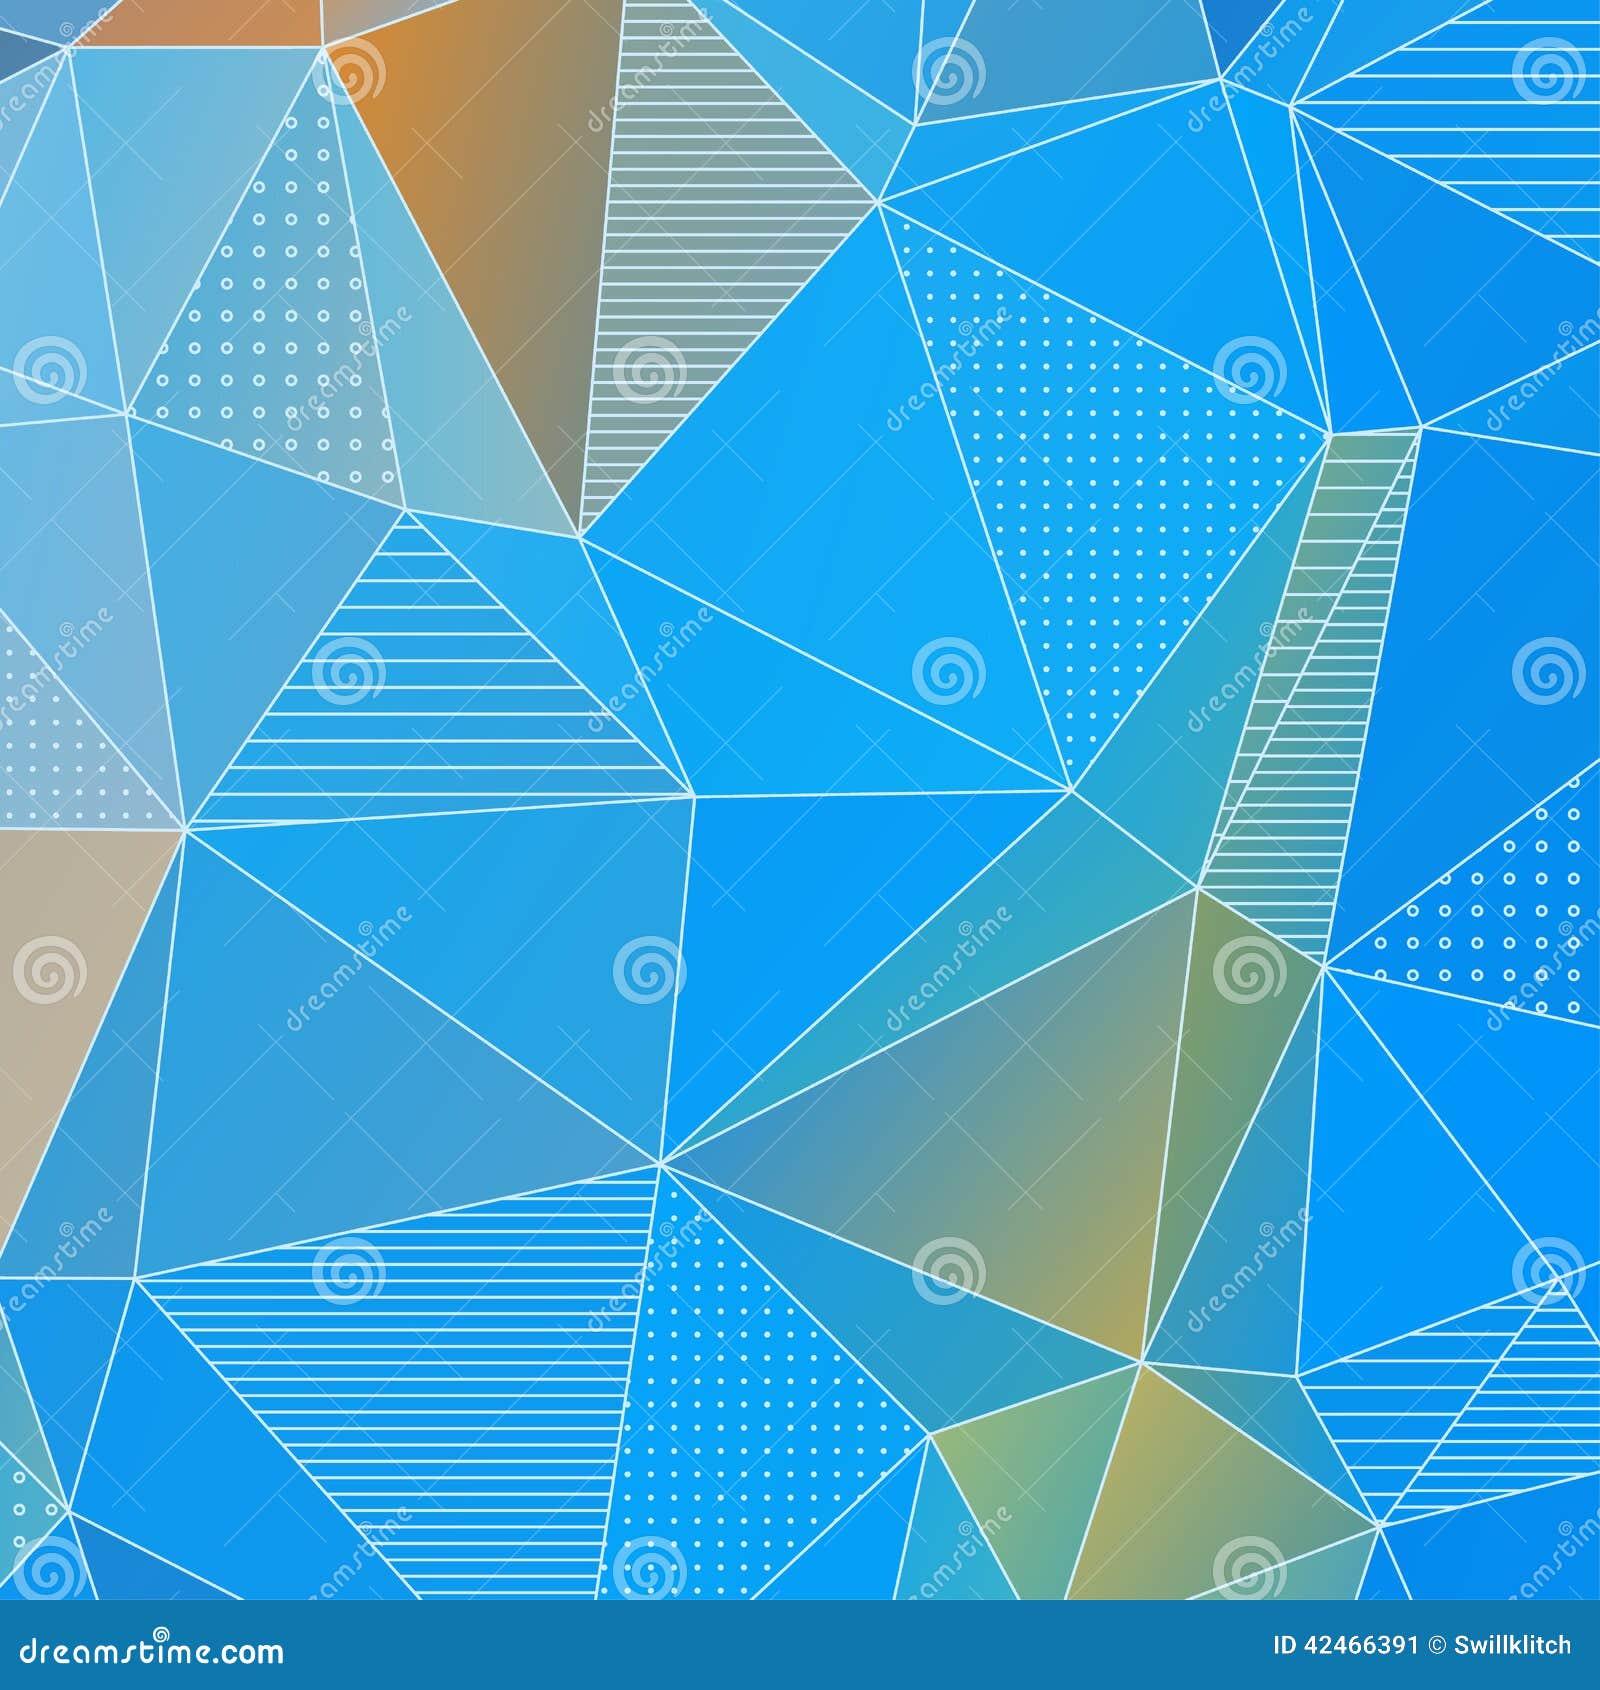 Abstrakter geometrischer Hintergrund mit blauen Dreiecken